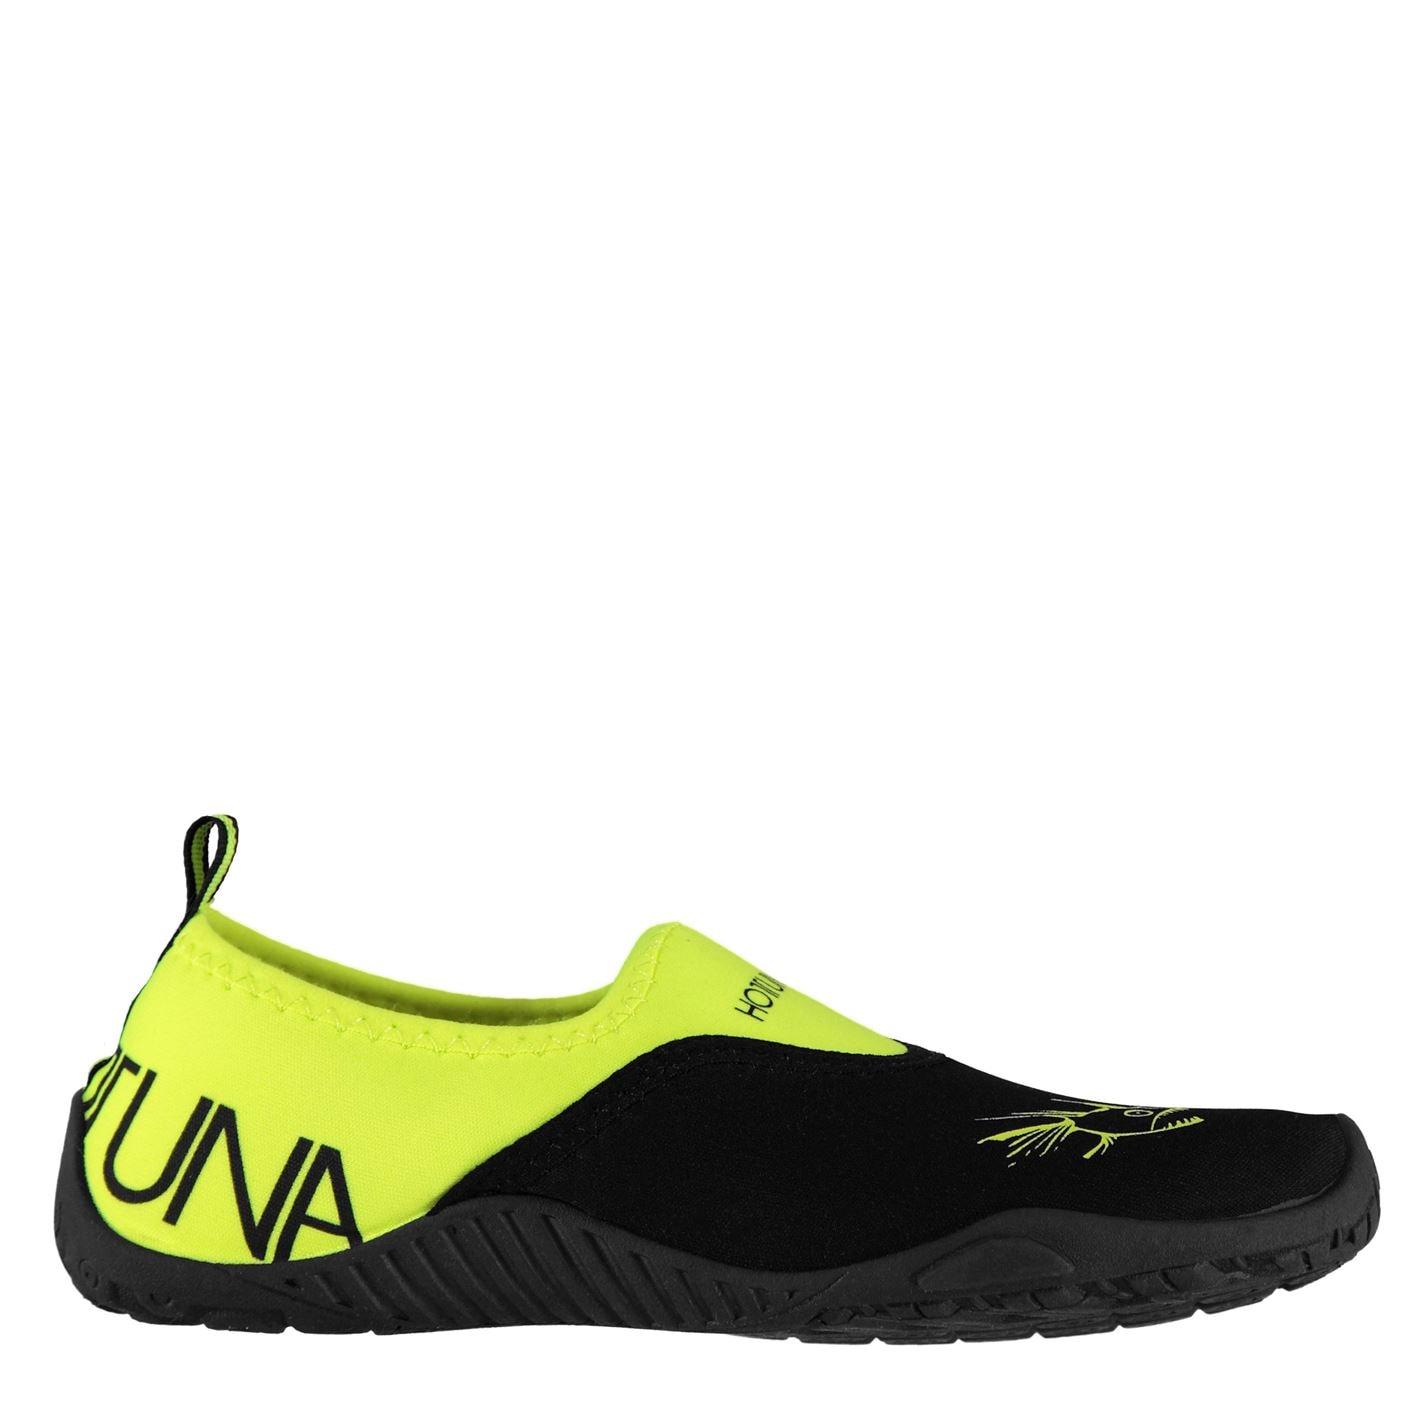 Pantofi apa Hot Tuna Aqua pentru Barbati negru verde lime